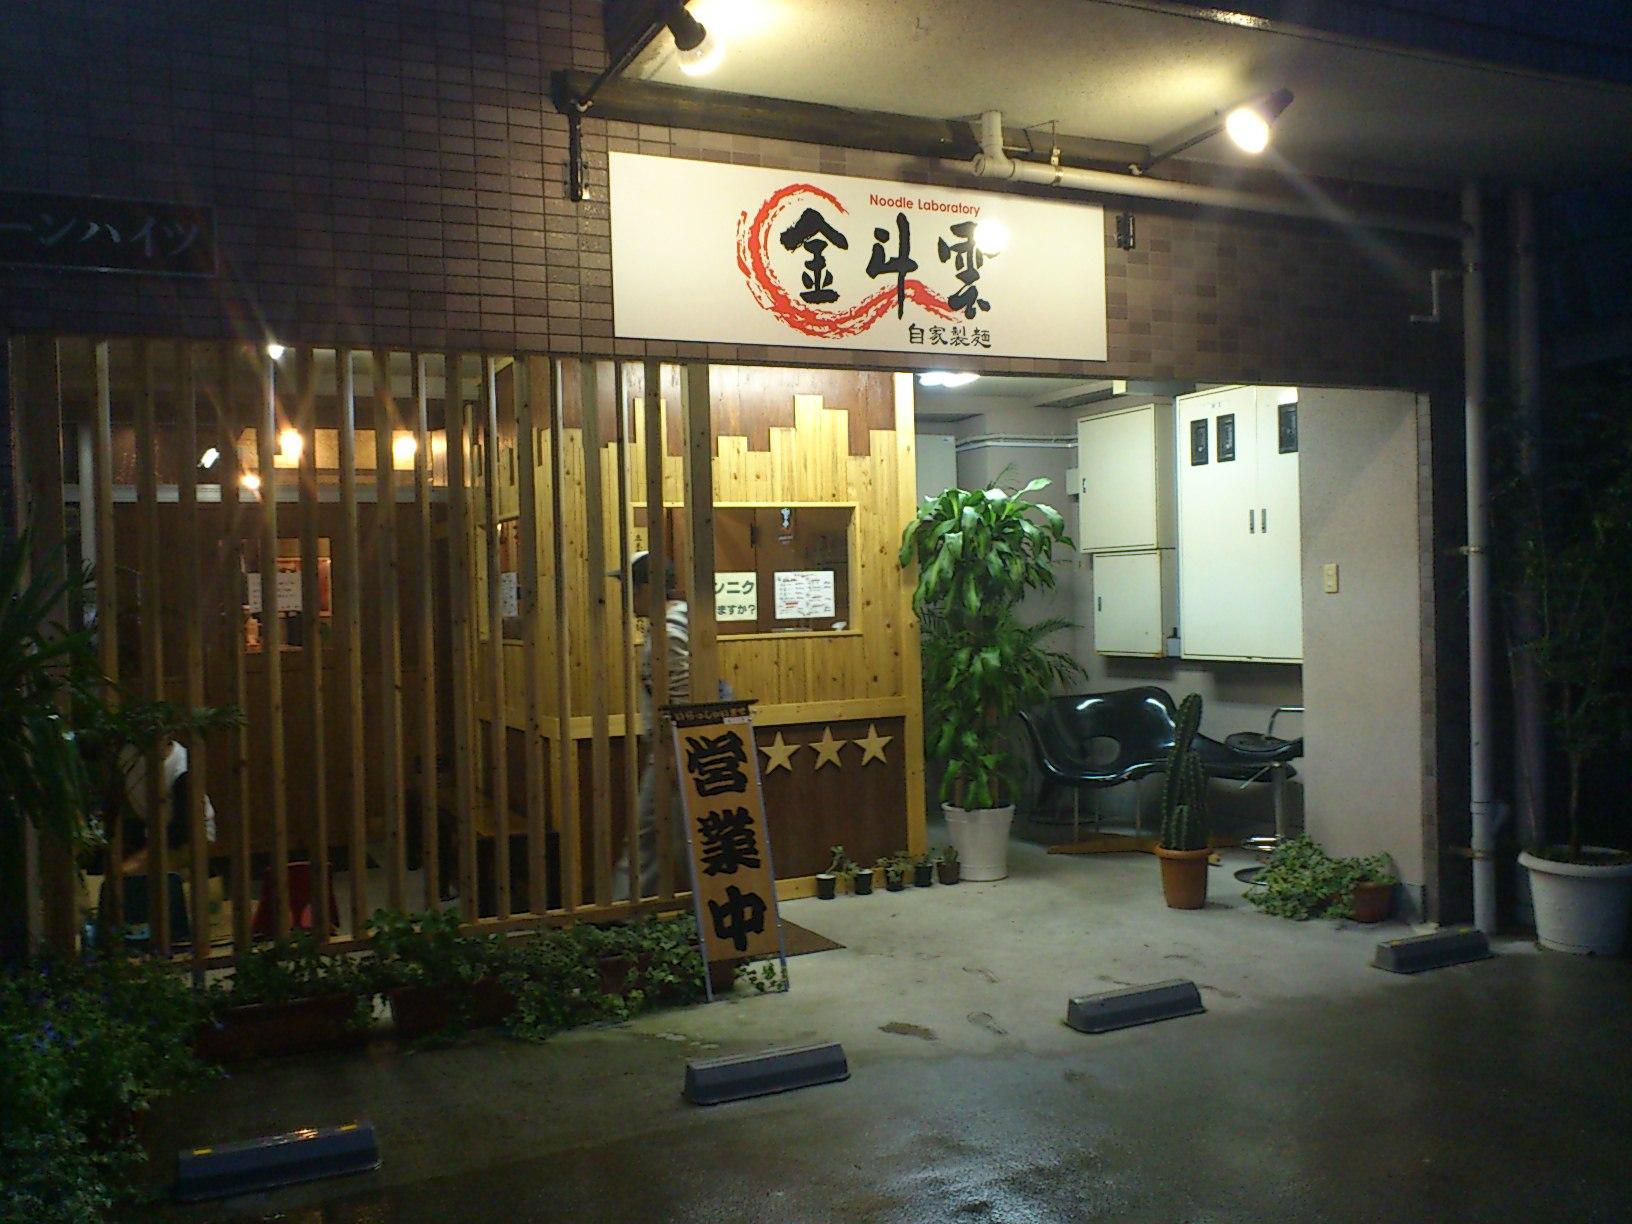 ヌードル ラボラトリー 金斗雲